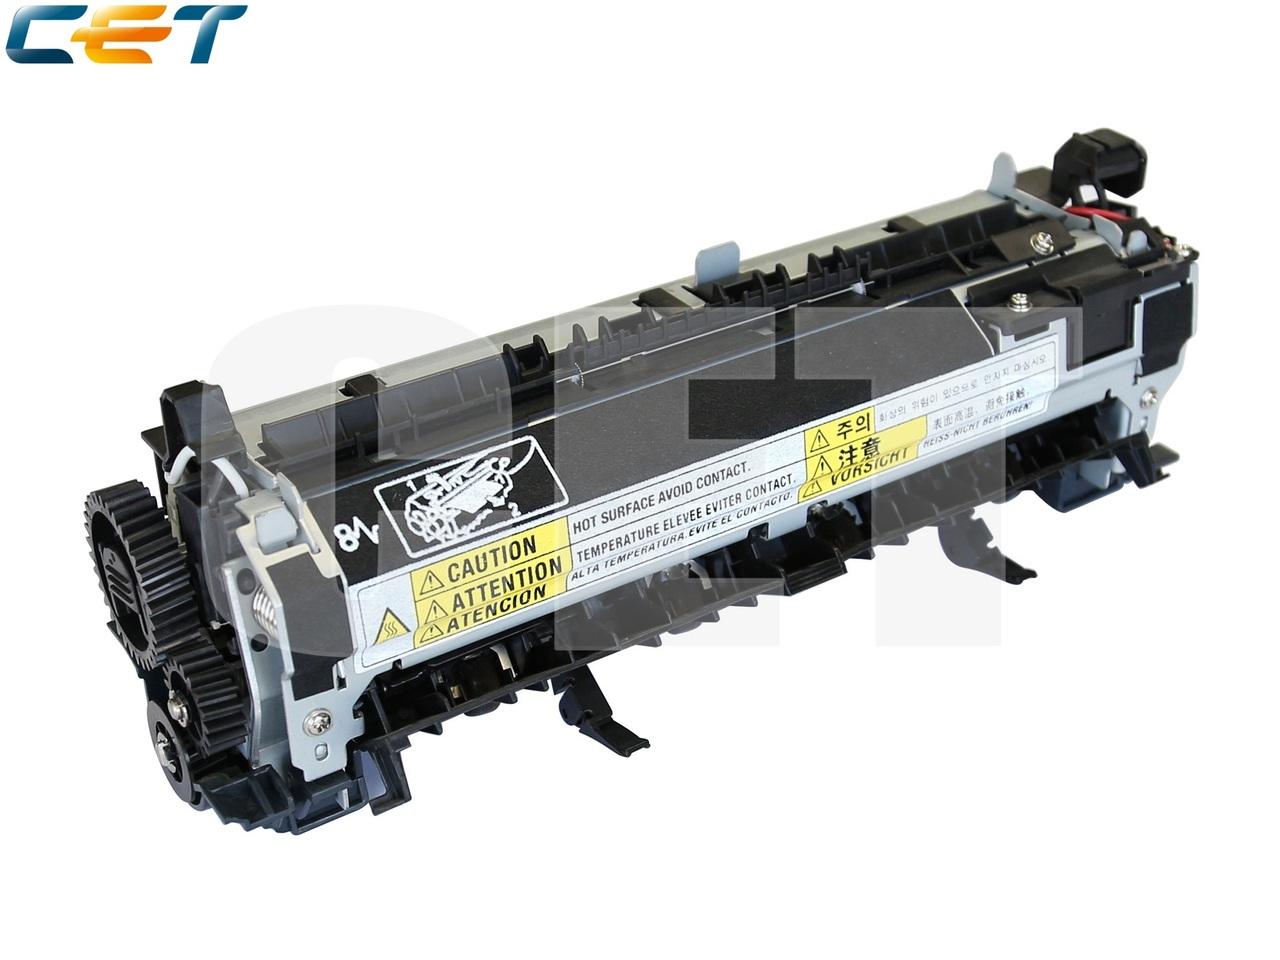 Фьюзер (печка) в сборе E6B67-67902 для HP LaserJetEnterprise M604/M605/M606 (CET), CET2789